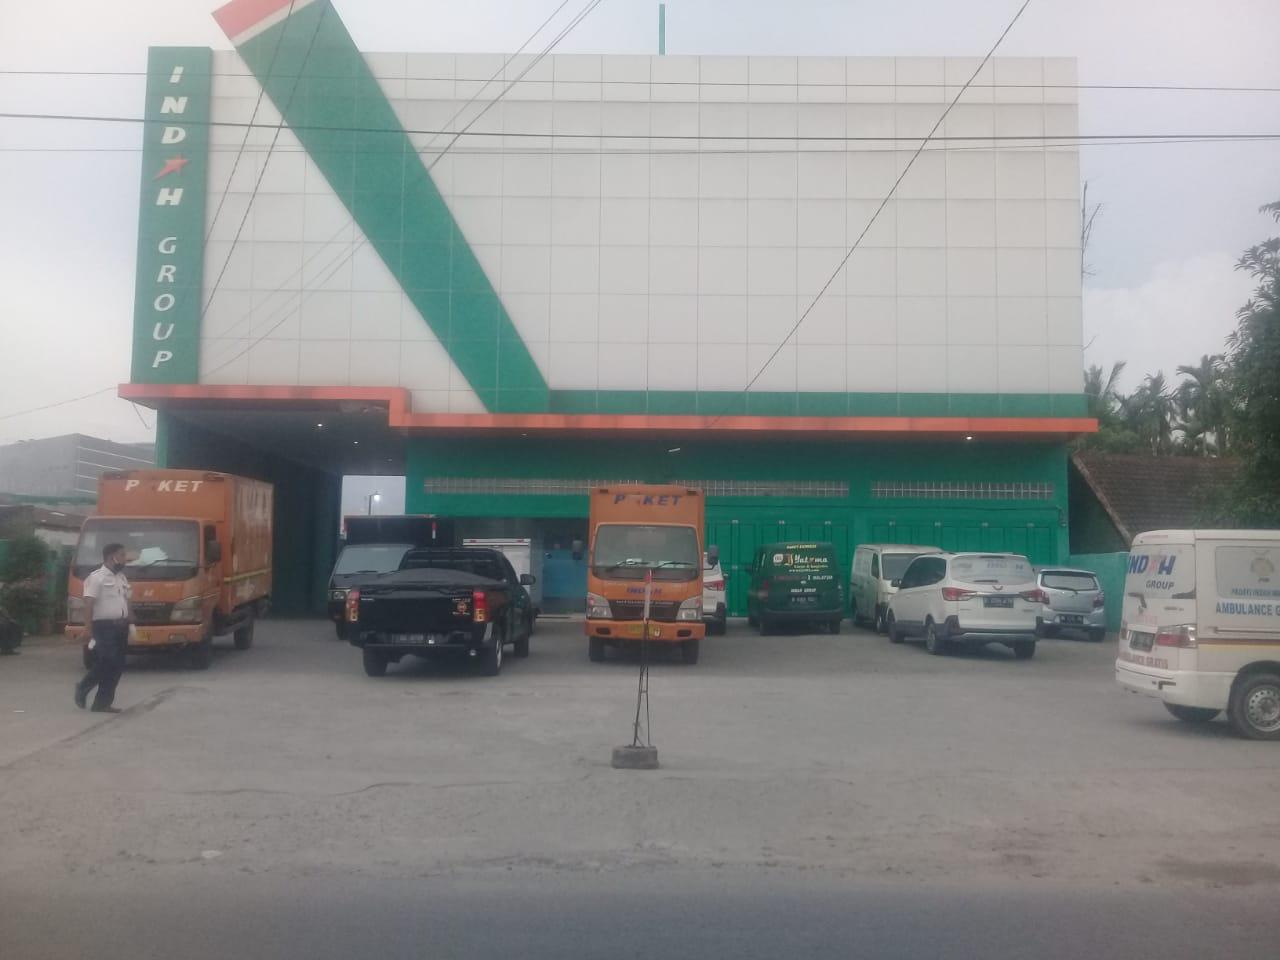 Bongkar Bangunan Indah Cargo Jalan Pasar Merah Ujung